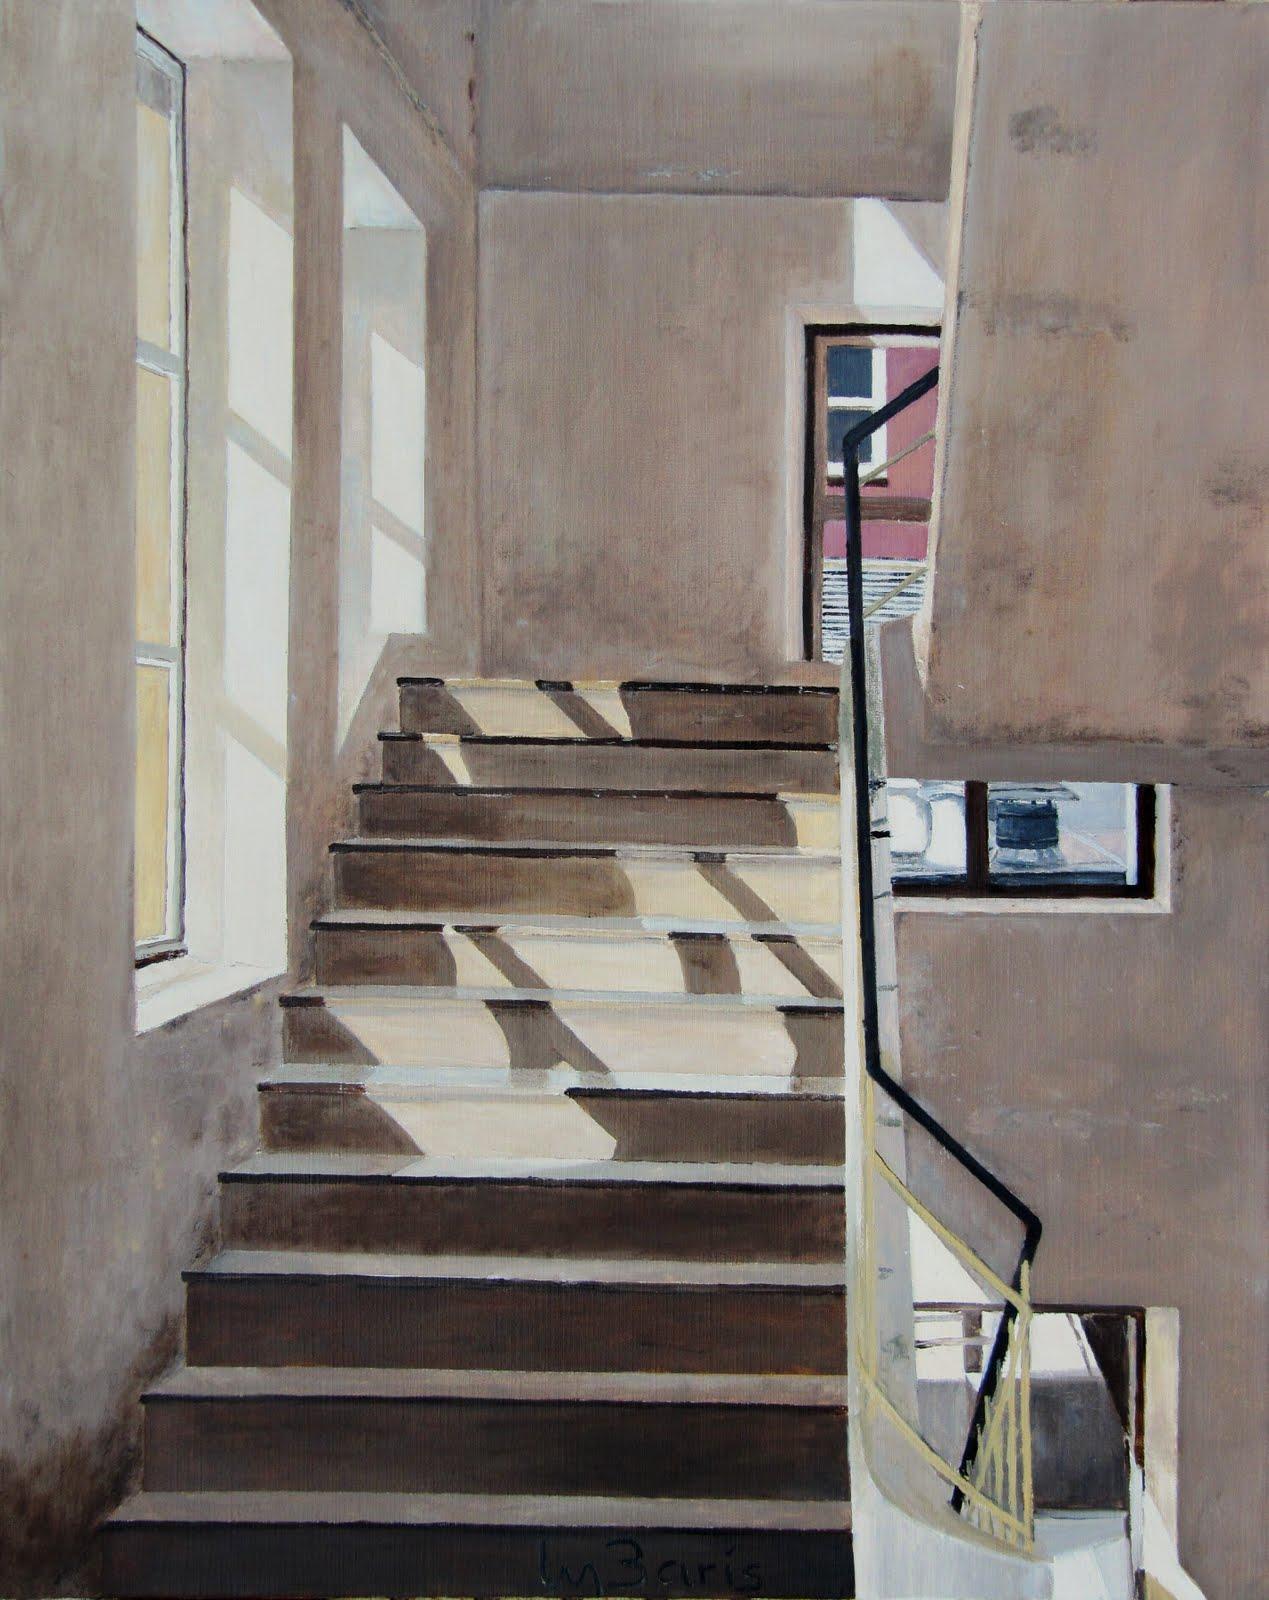 De blog van max baris ik liep laatst in een trappenhuis - Vervoeren van een trappenhuis ...